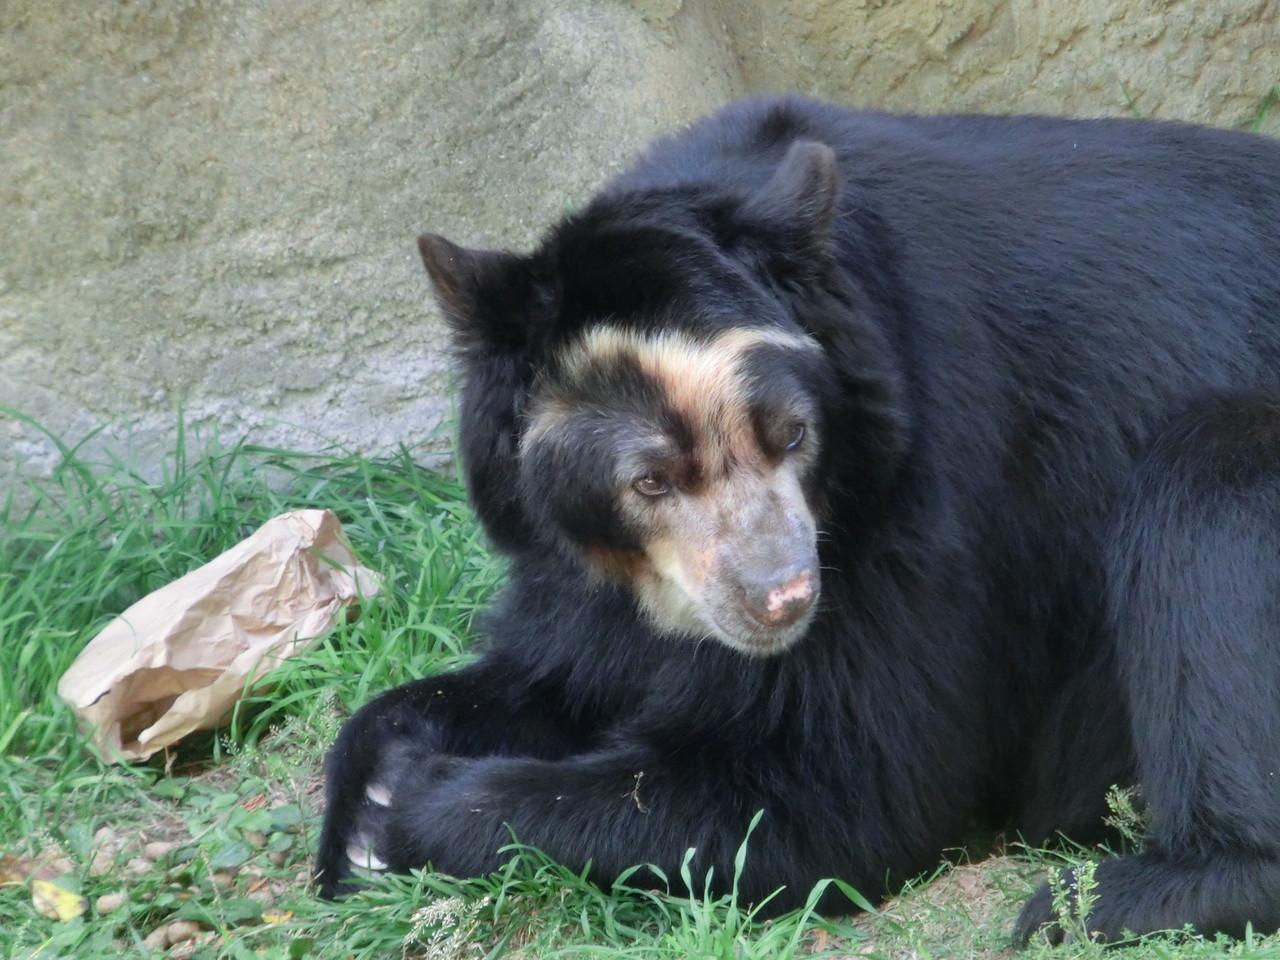 Bär - Lincoln Park Zoo - Chicago